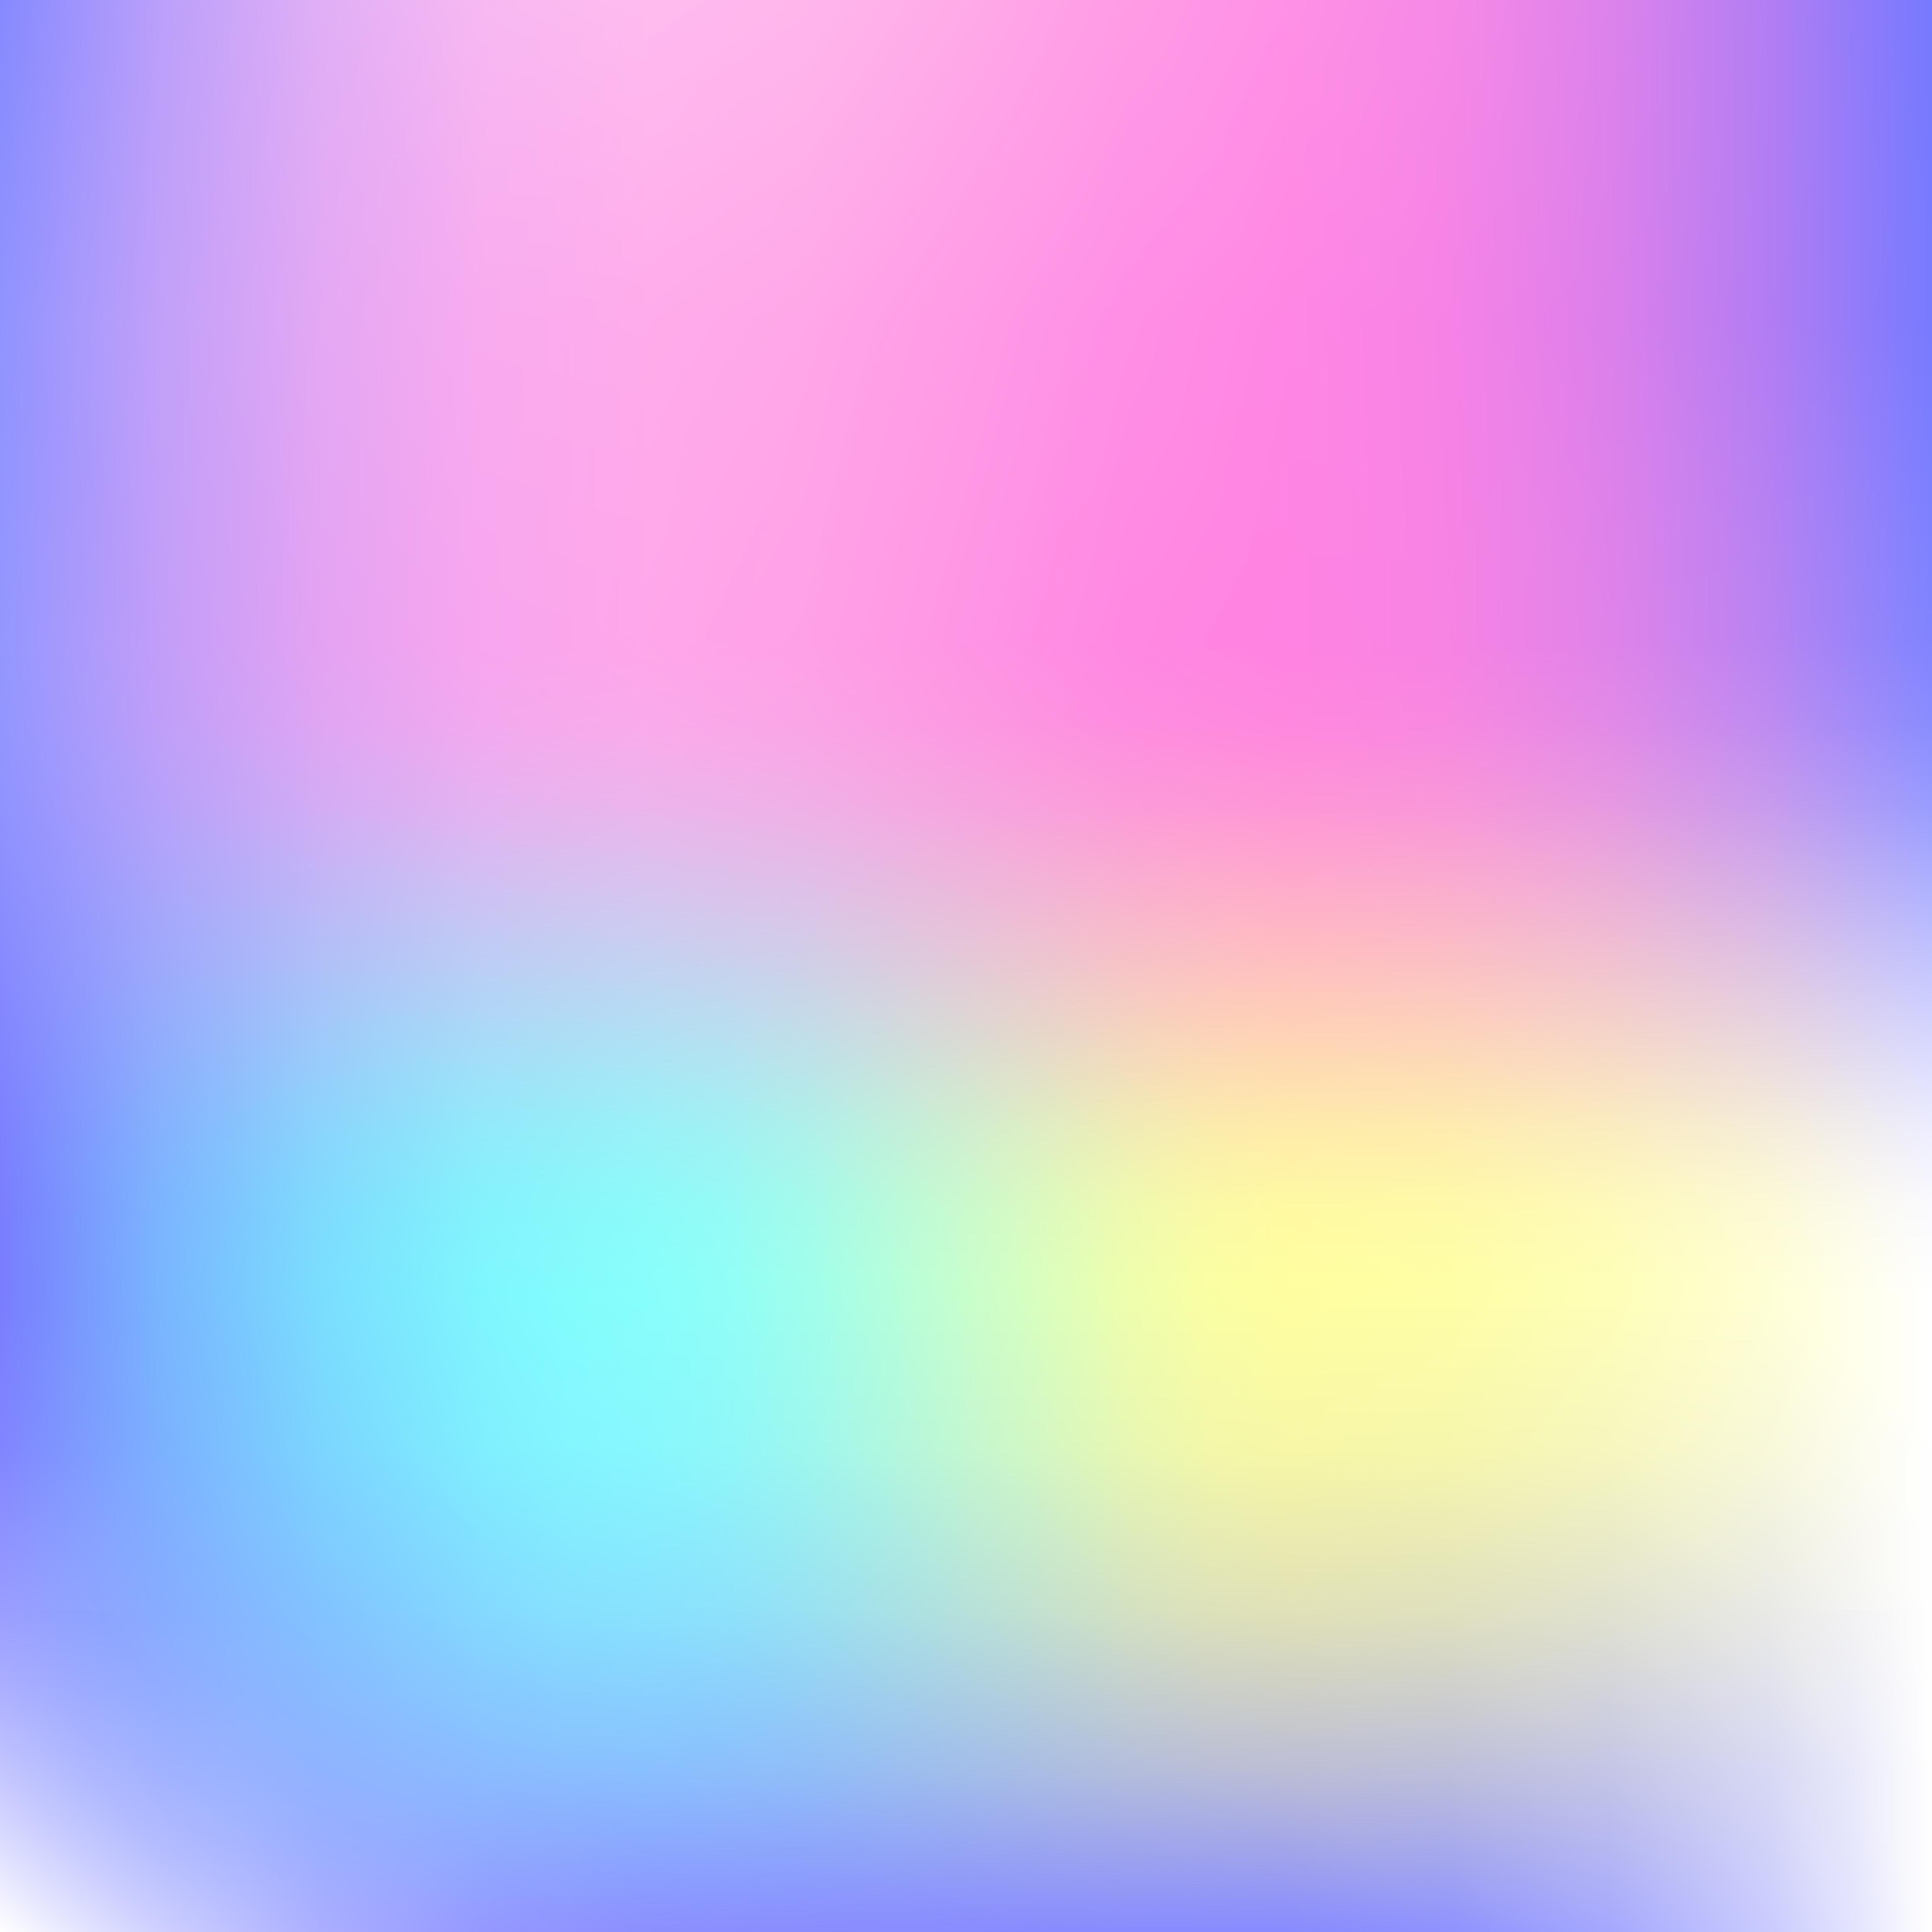 r u00e9sum u00e9 flou fond d u00e9grad u00e9 avec tendance couleurs pastel